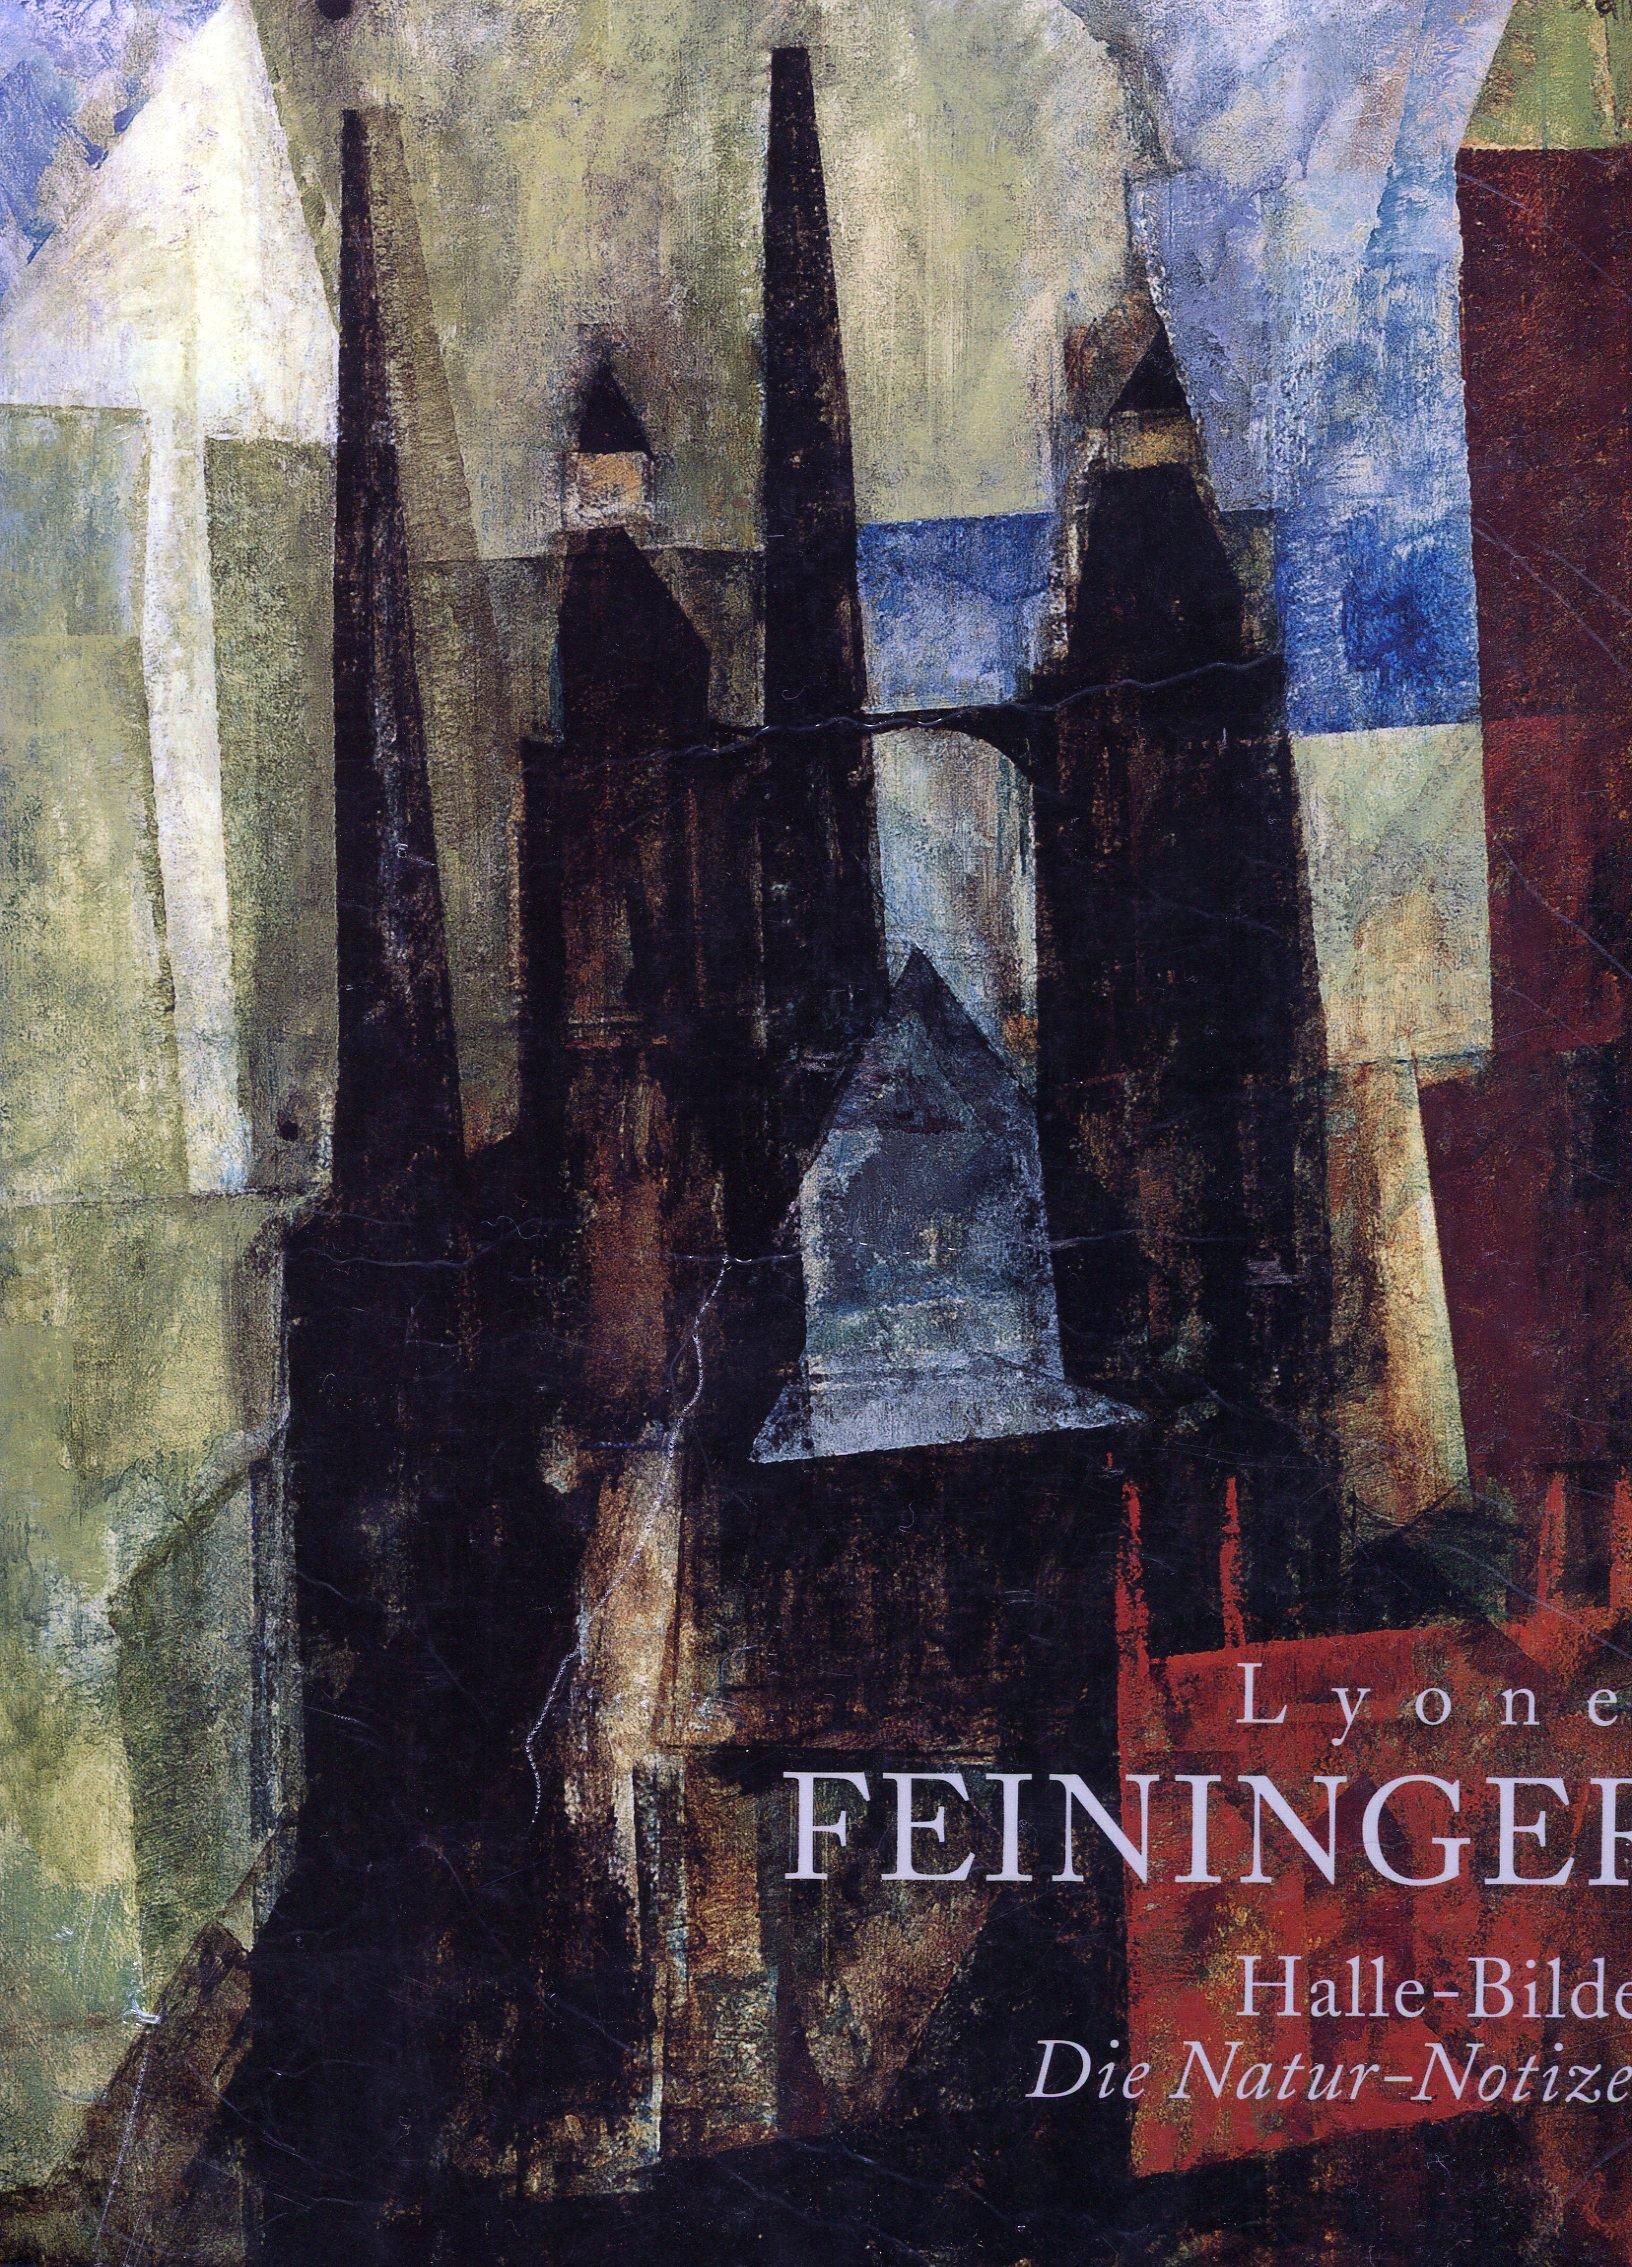 Download Lyonel Feininger: Halle-Bilder, die Natur-Notizen (German Edition) ebook